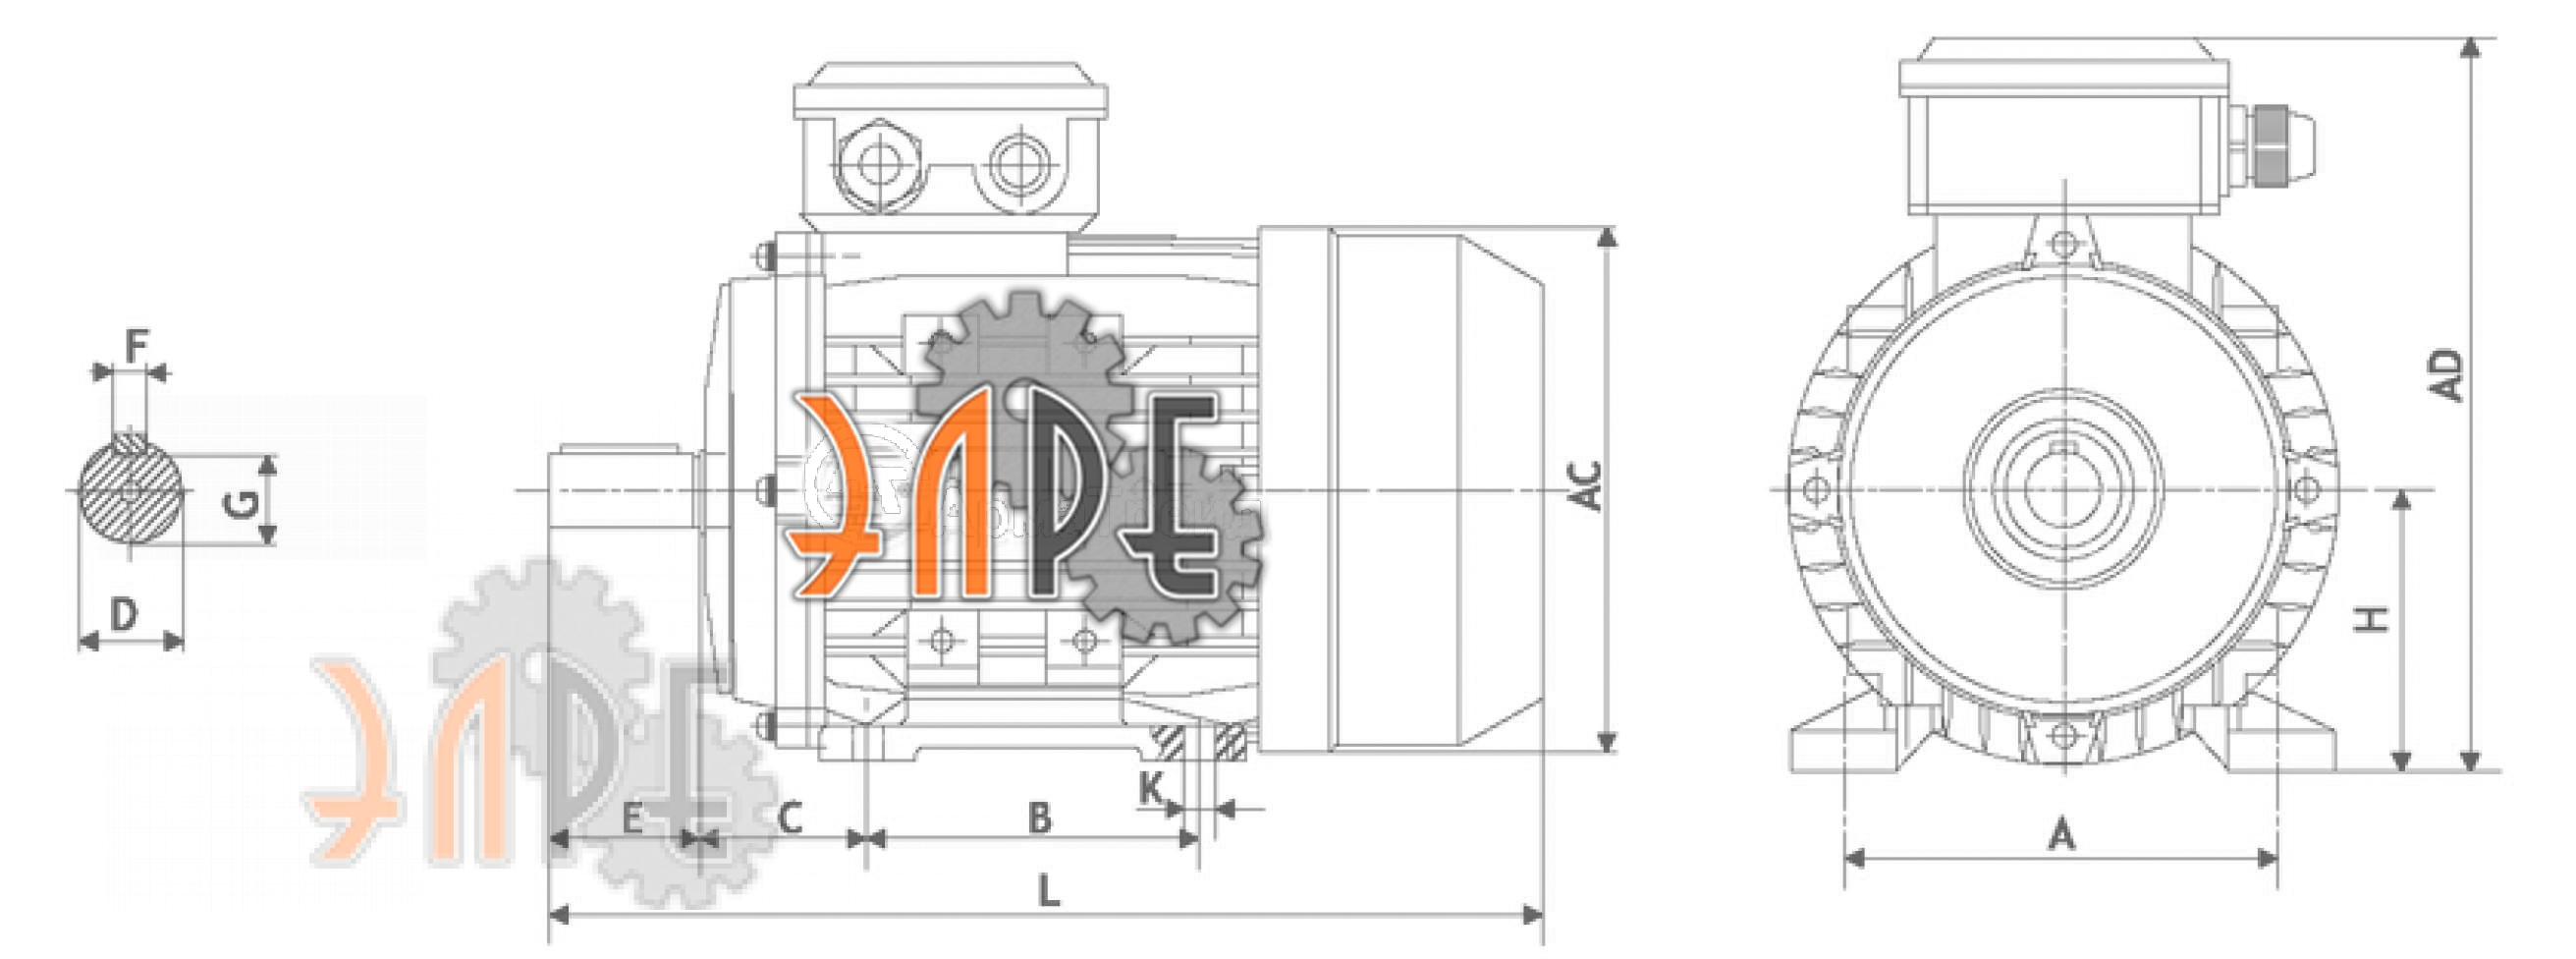 Исполнение на лапах схема АИС112М4